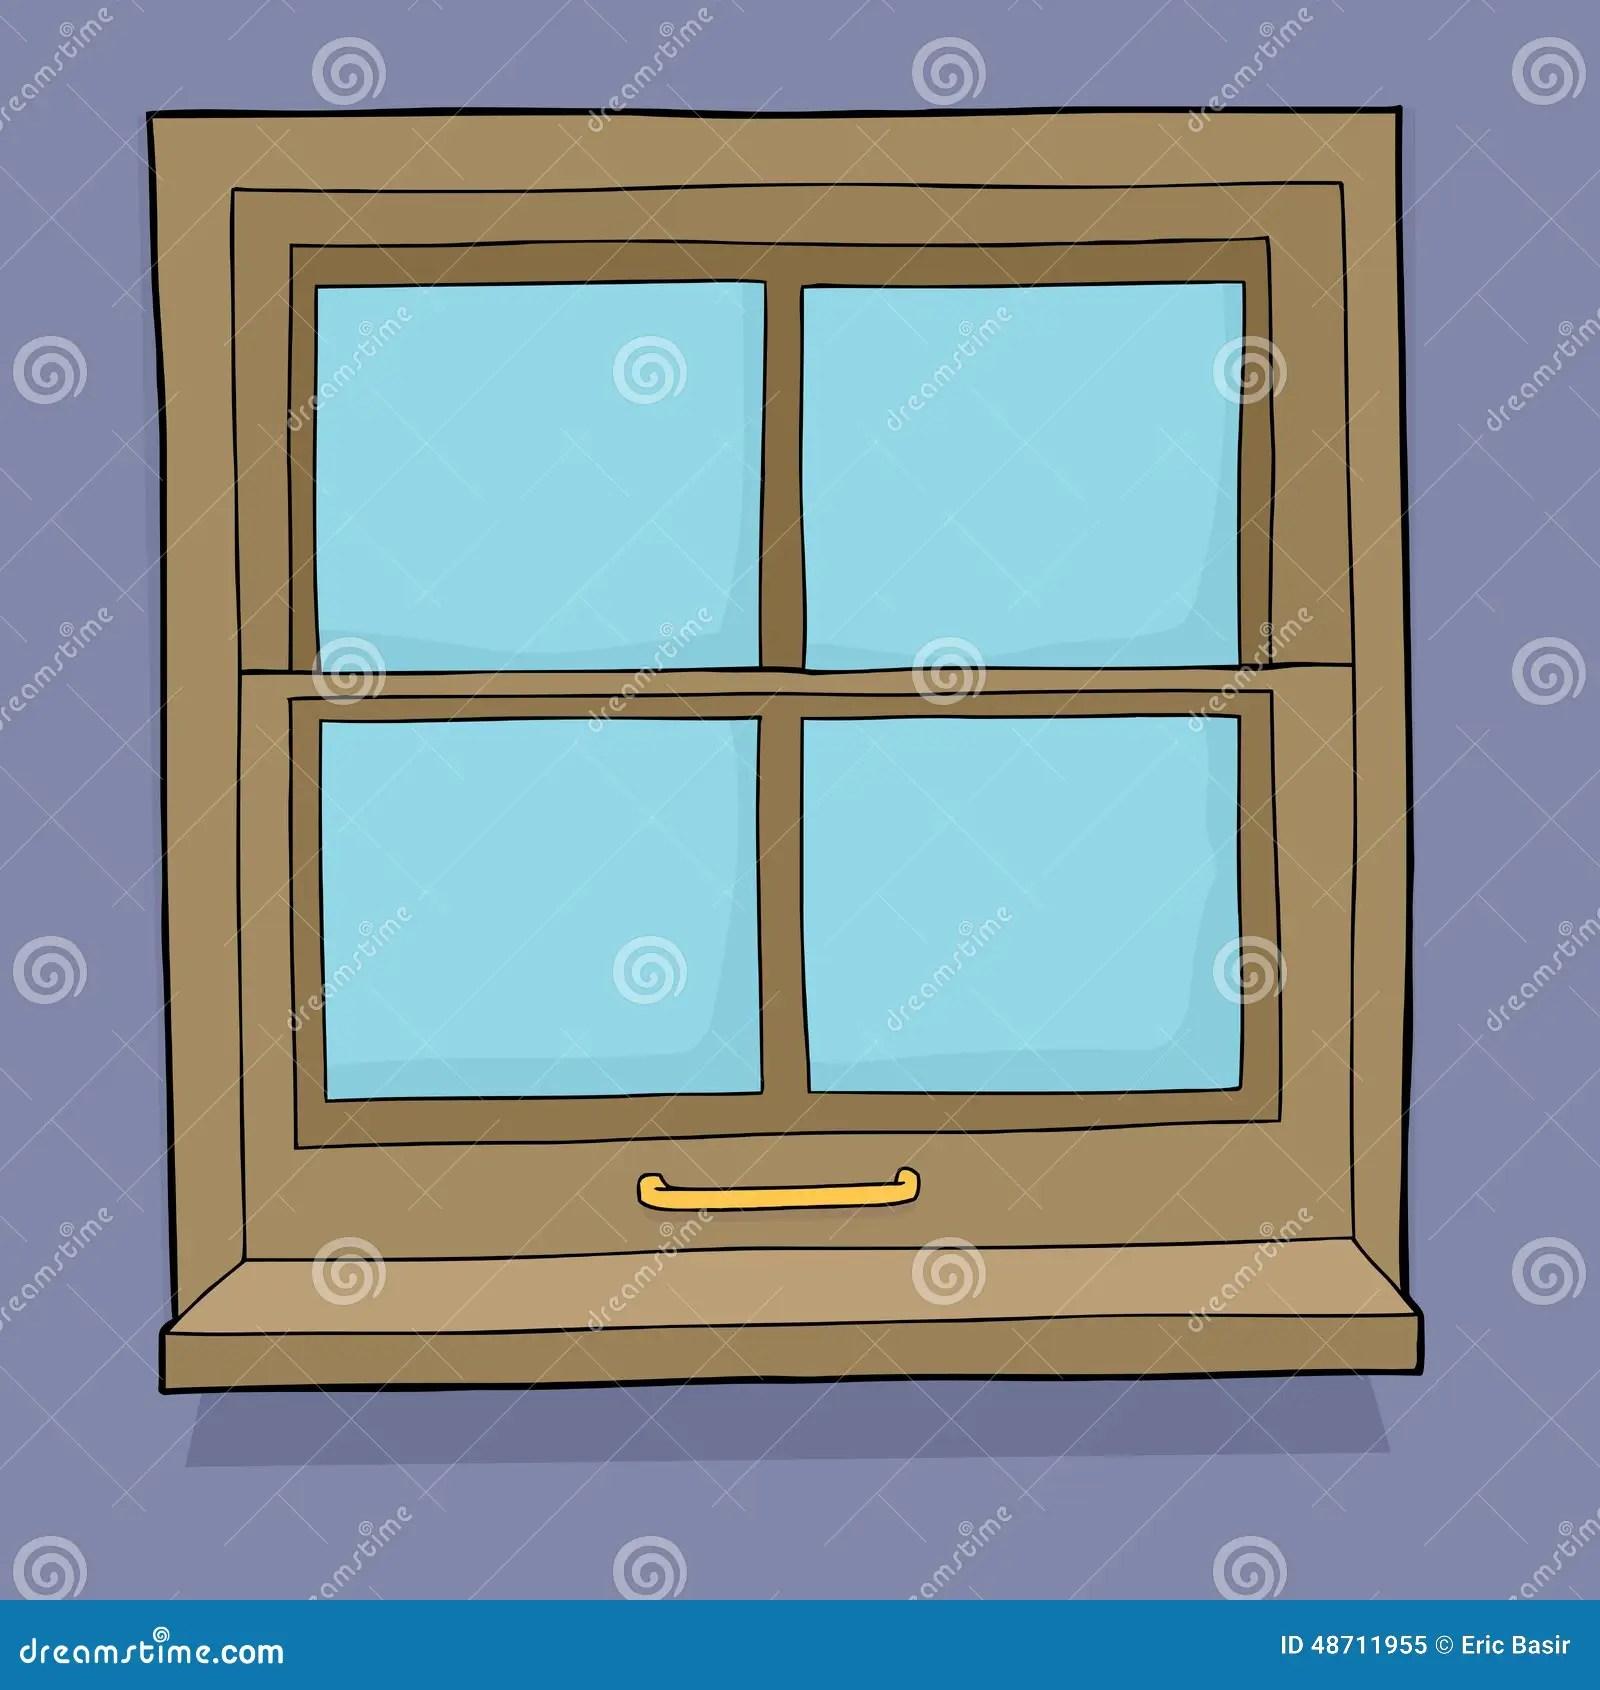 Cartoon Window Stock Illustration